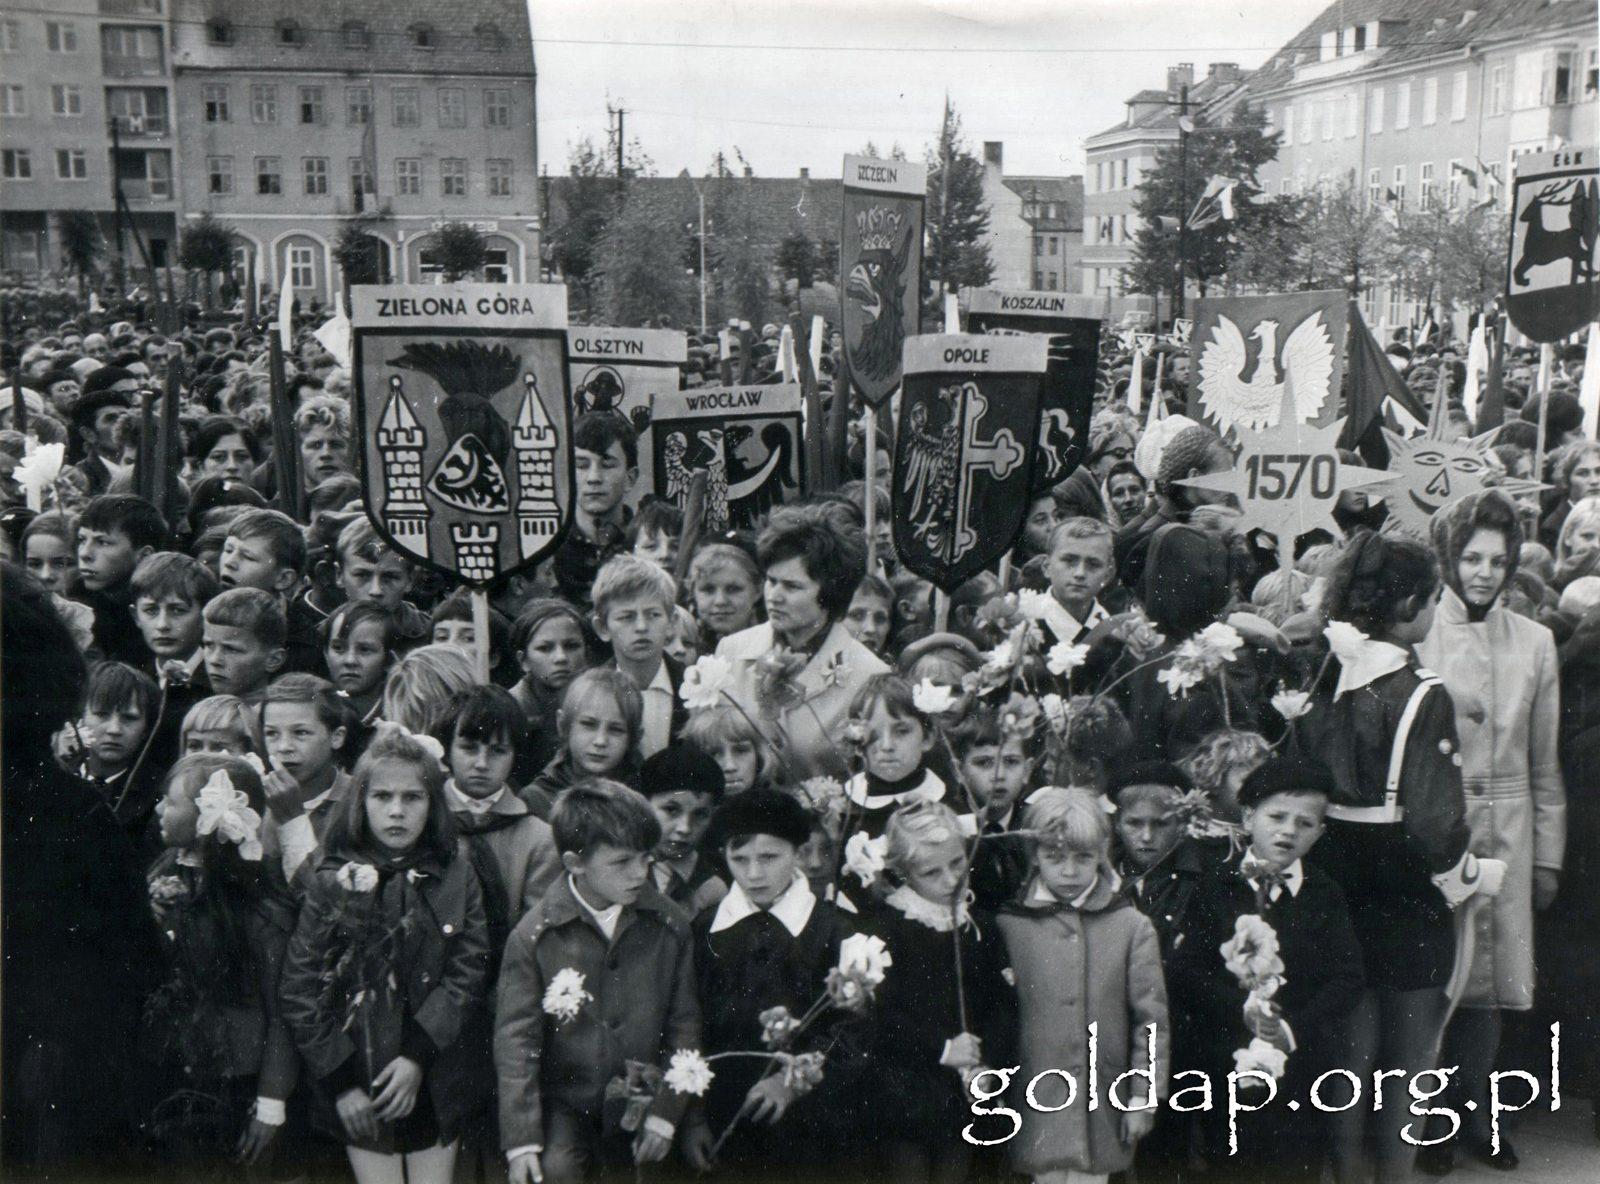 Gołdap plac pomnik II 1970_1